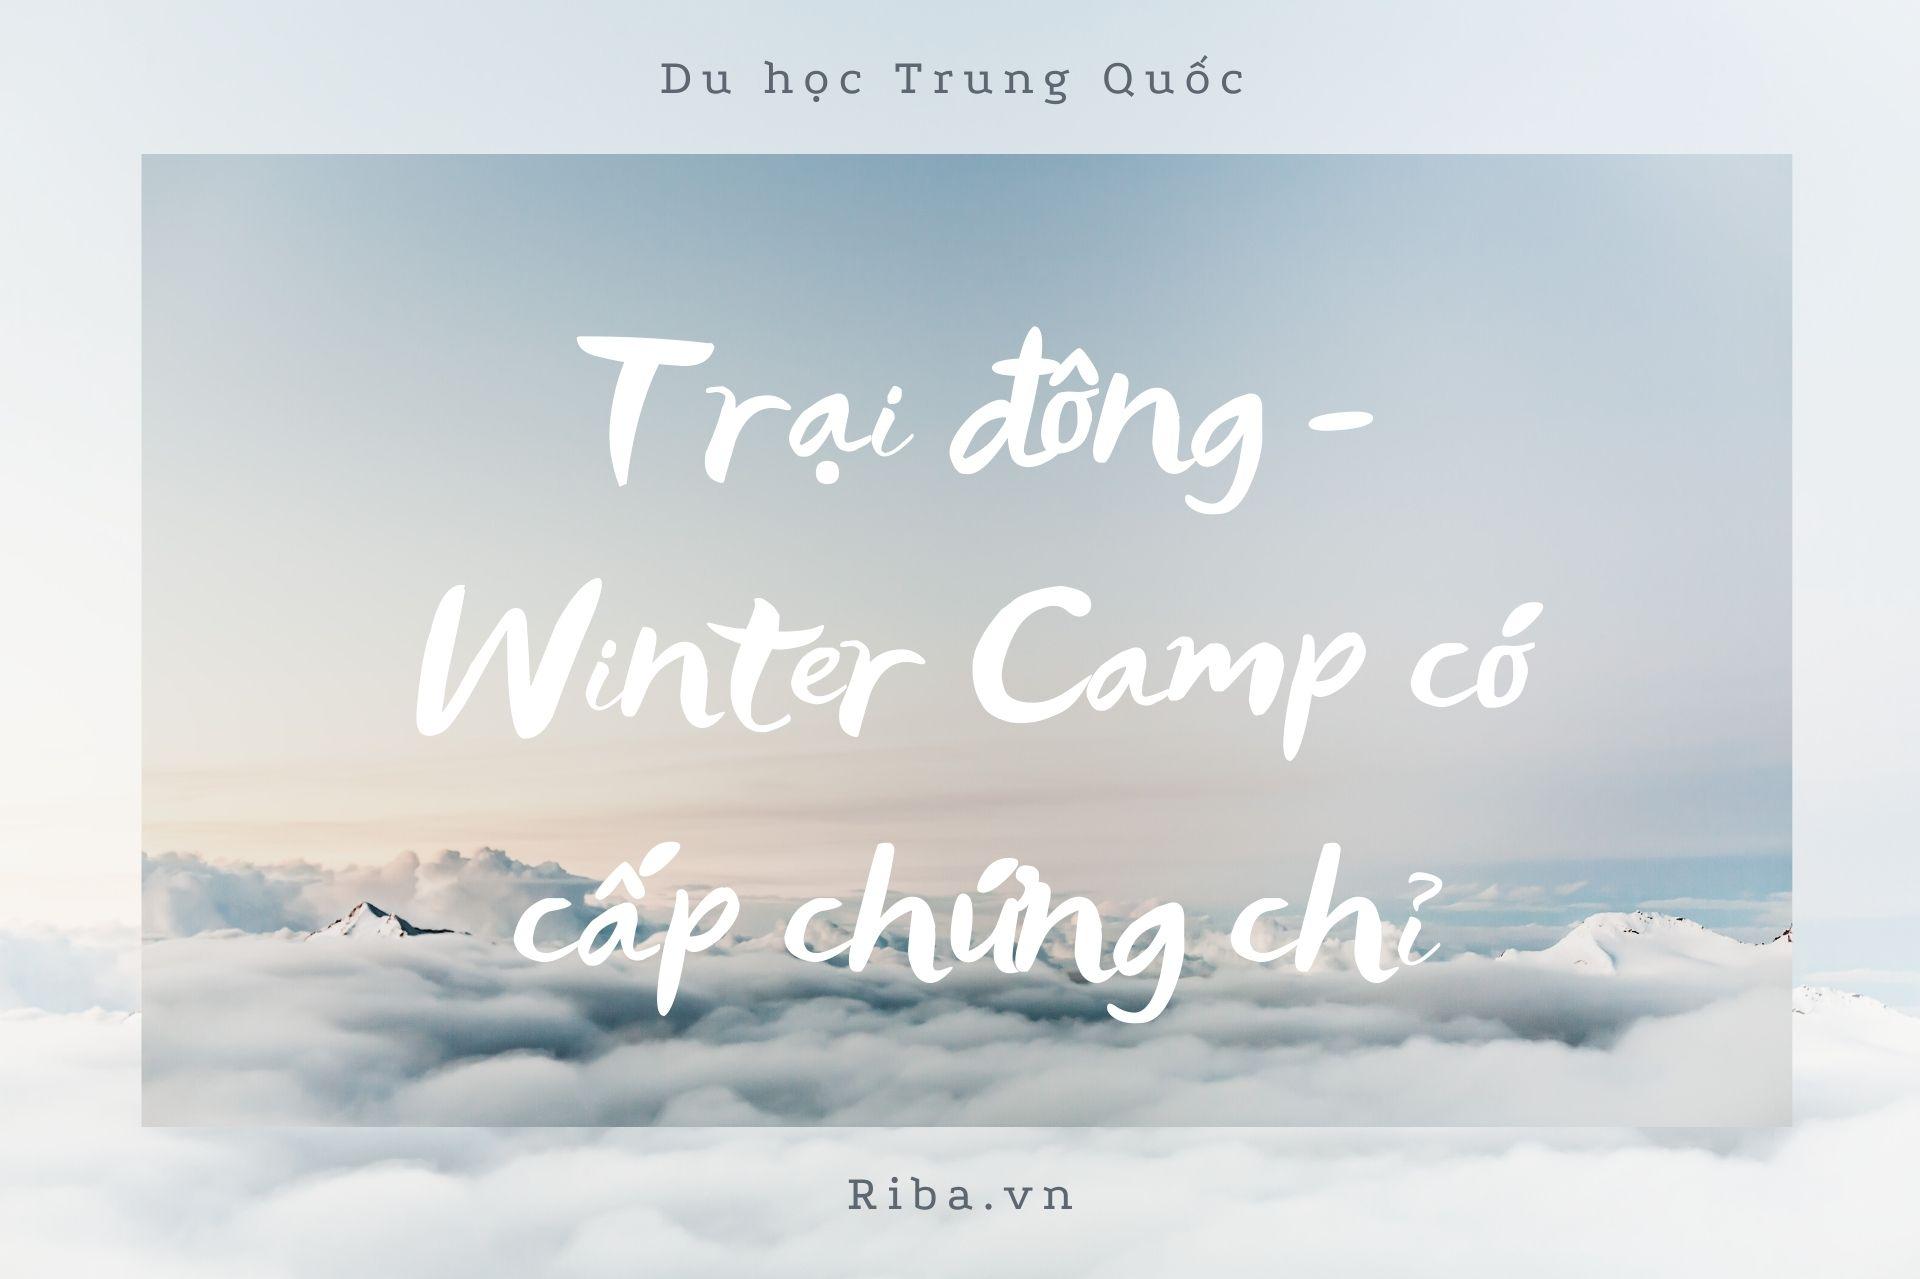 Trại đông – Winter Camp có cấp chứng chỉ dành cho các bạn chuẩn bị apply học bổng du học Trung Quốc